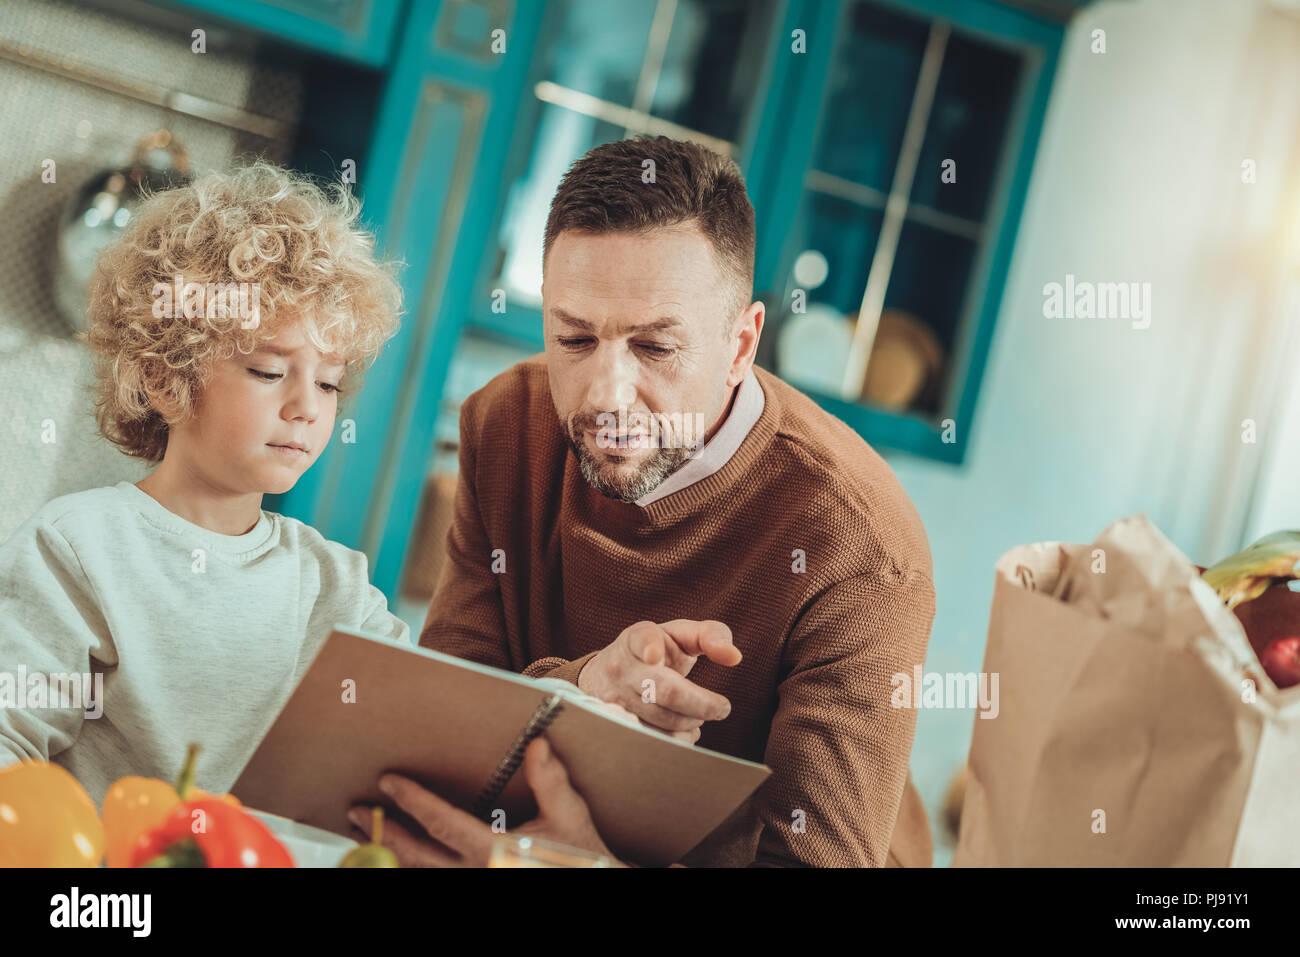 L'homme et l'enfant la lecture d'une fiche Photo Stock